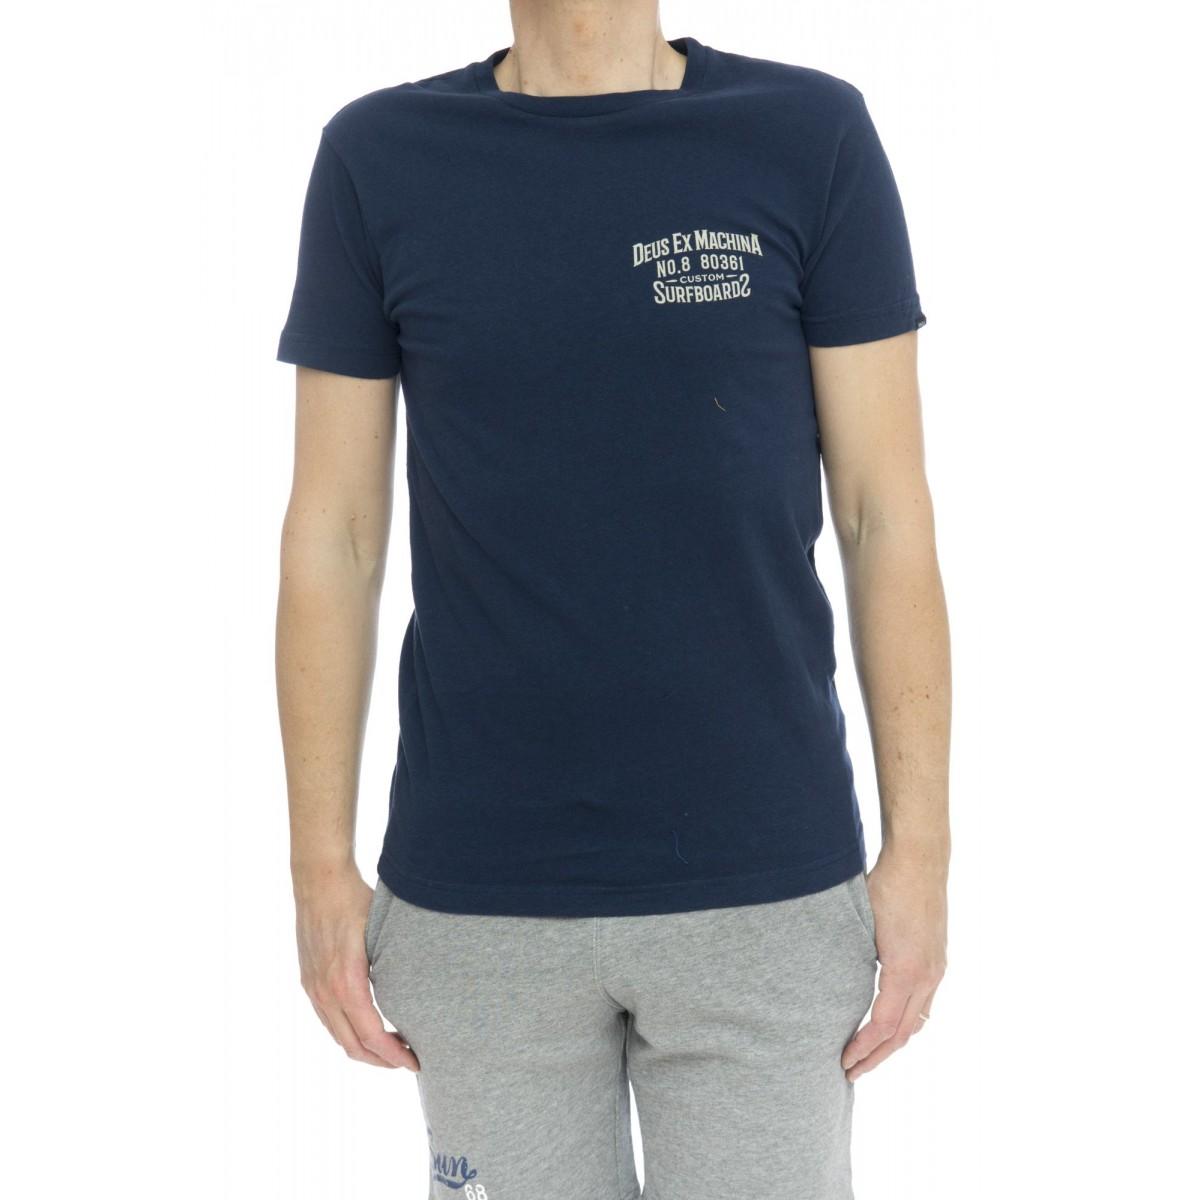 T-shirt - Dms61193c